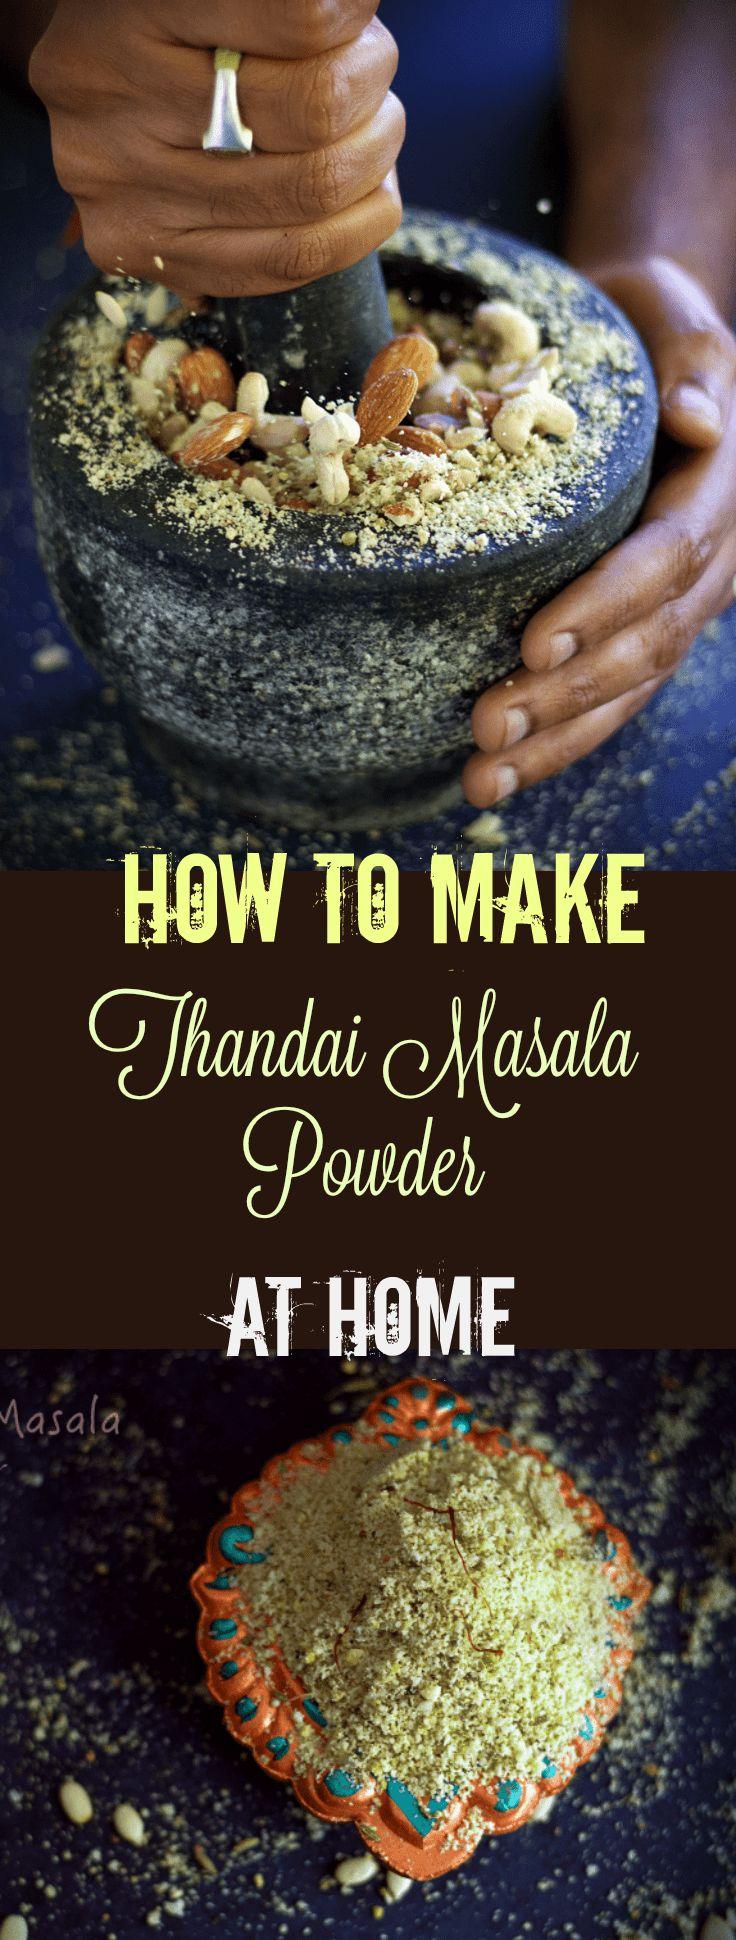 how-to-make-thandai-masala-powder-at-home homemade thandai masala for thandai holi special